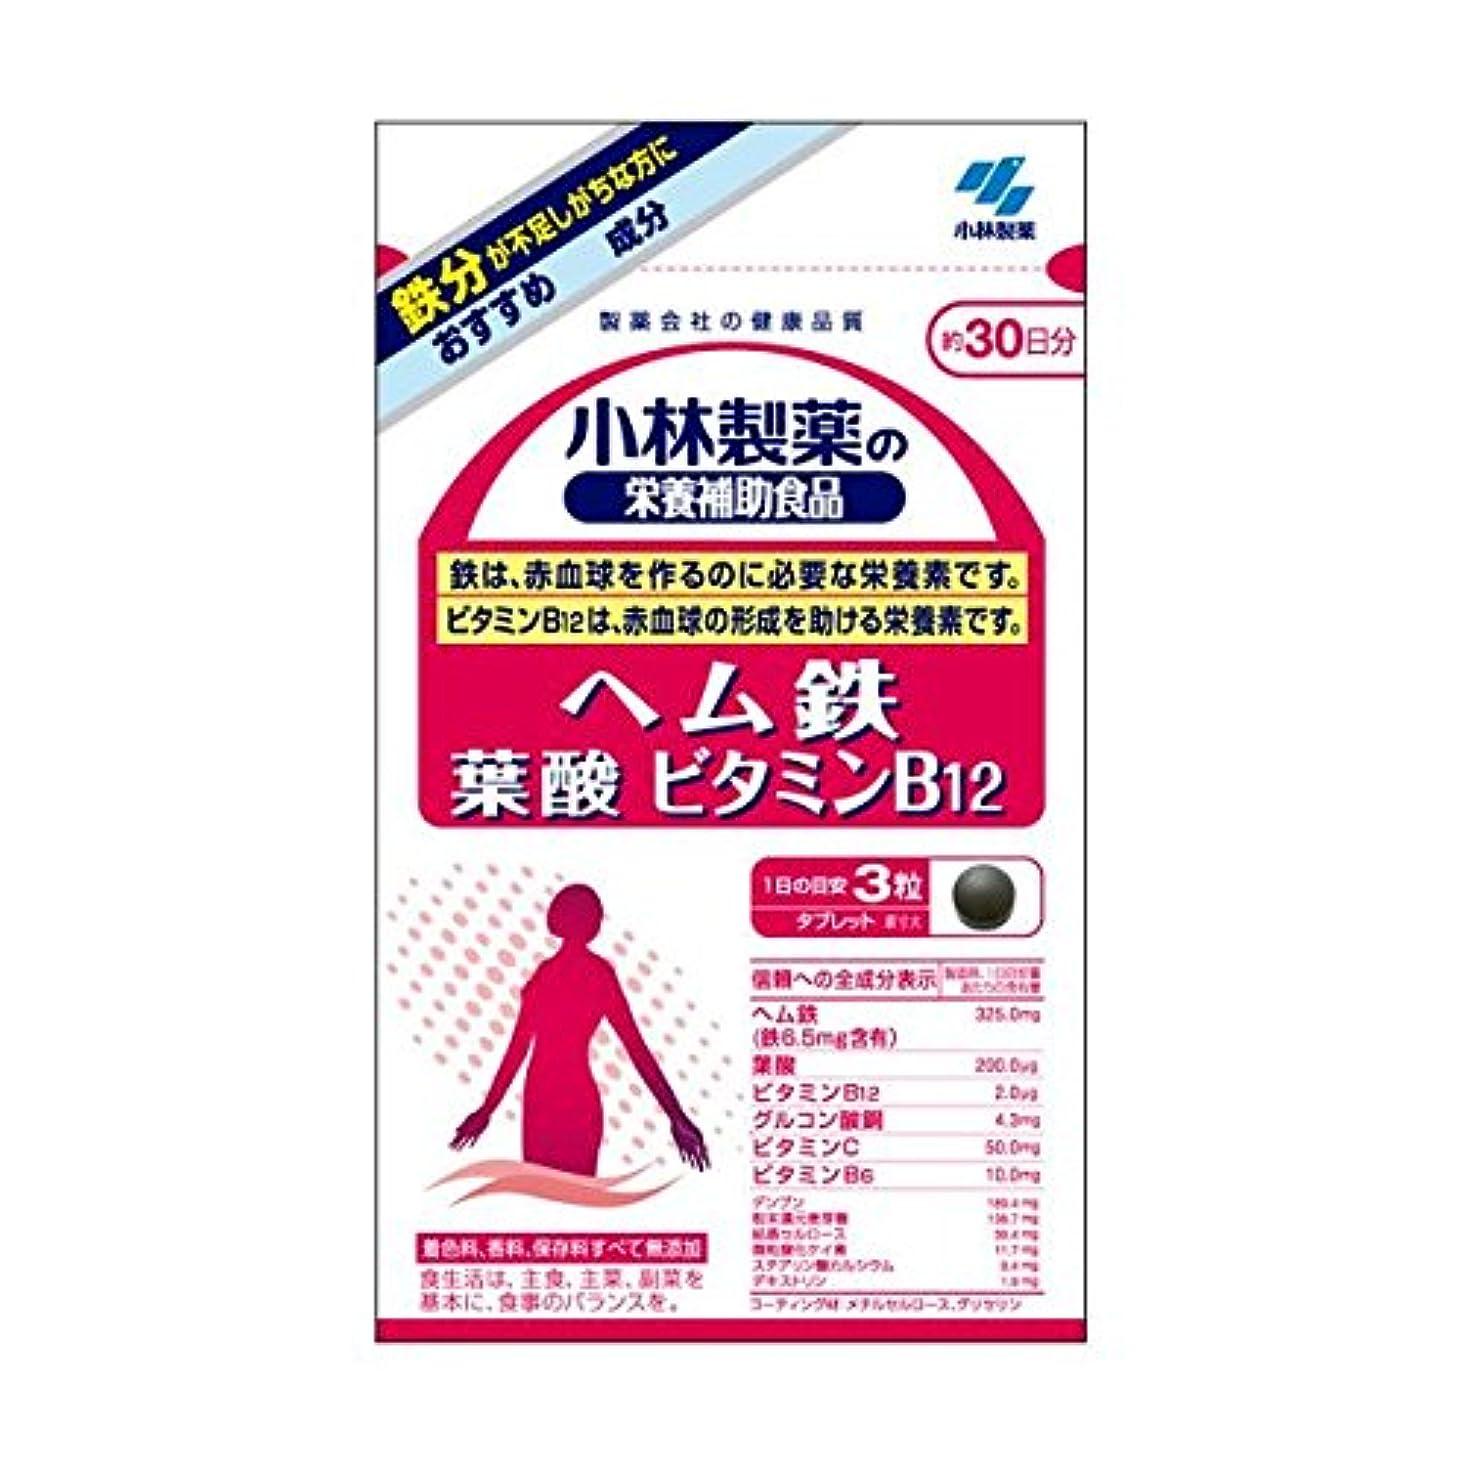 絵基準ビーチ小林製薬 小林製薬の栄養補助食品ヘム鉄葉酸ビタミンB12 90粒×2